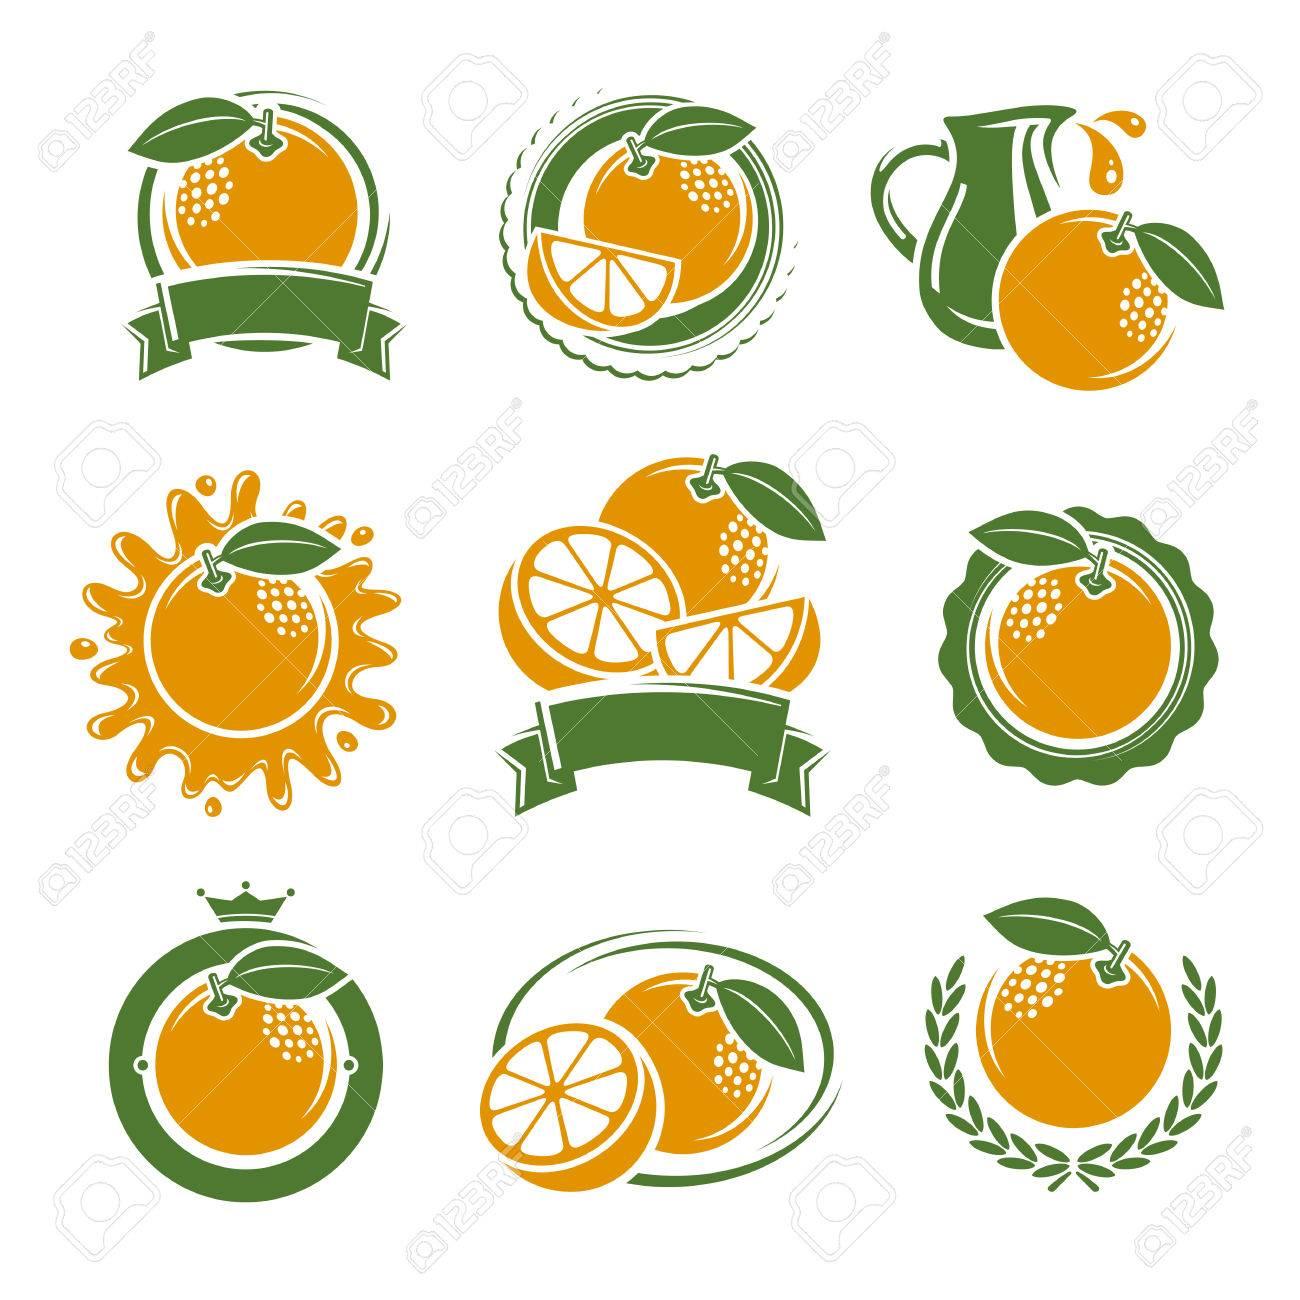 Oranges labels and elements set. Vector illustration - 44701290